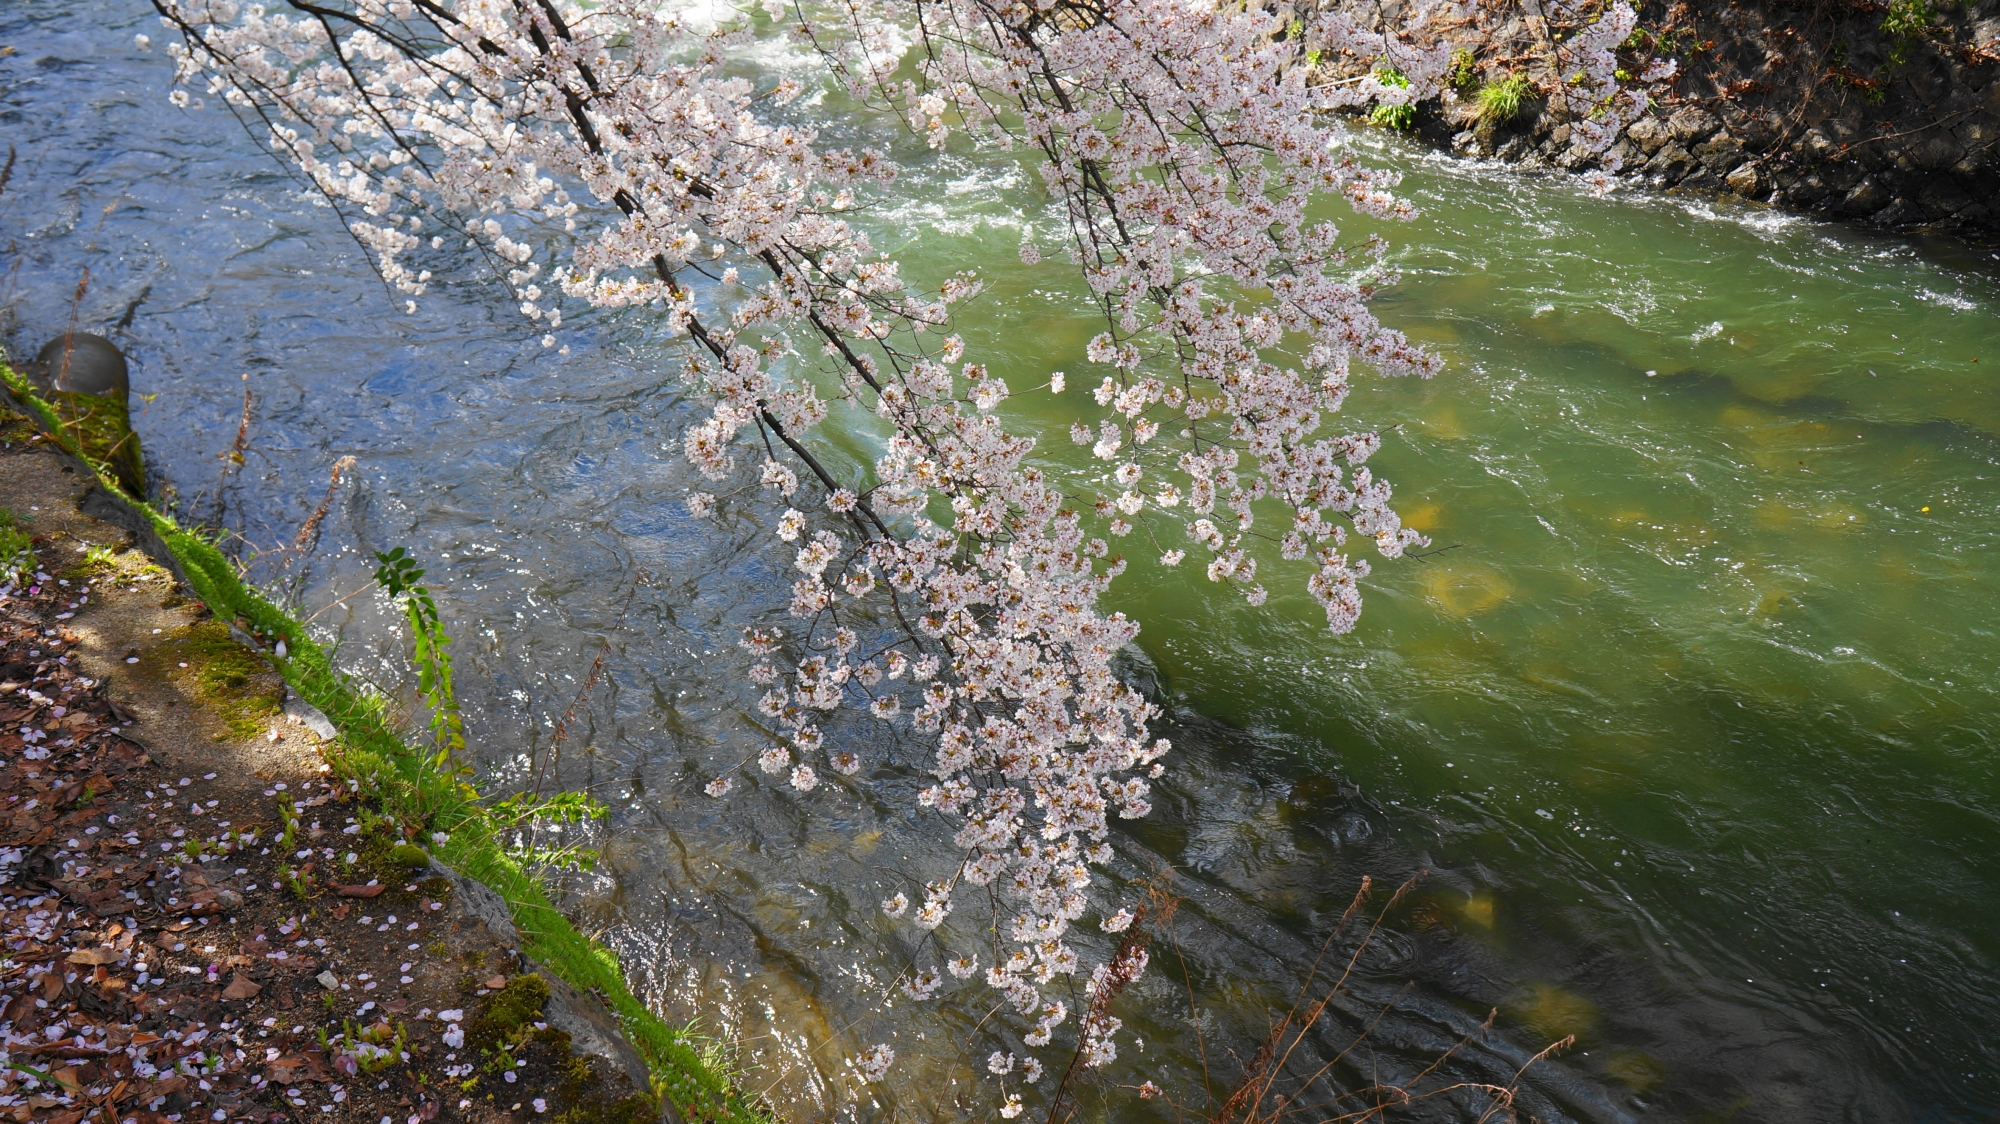 冷泉通りの素晴らしい桜と春の情景